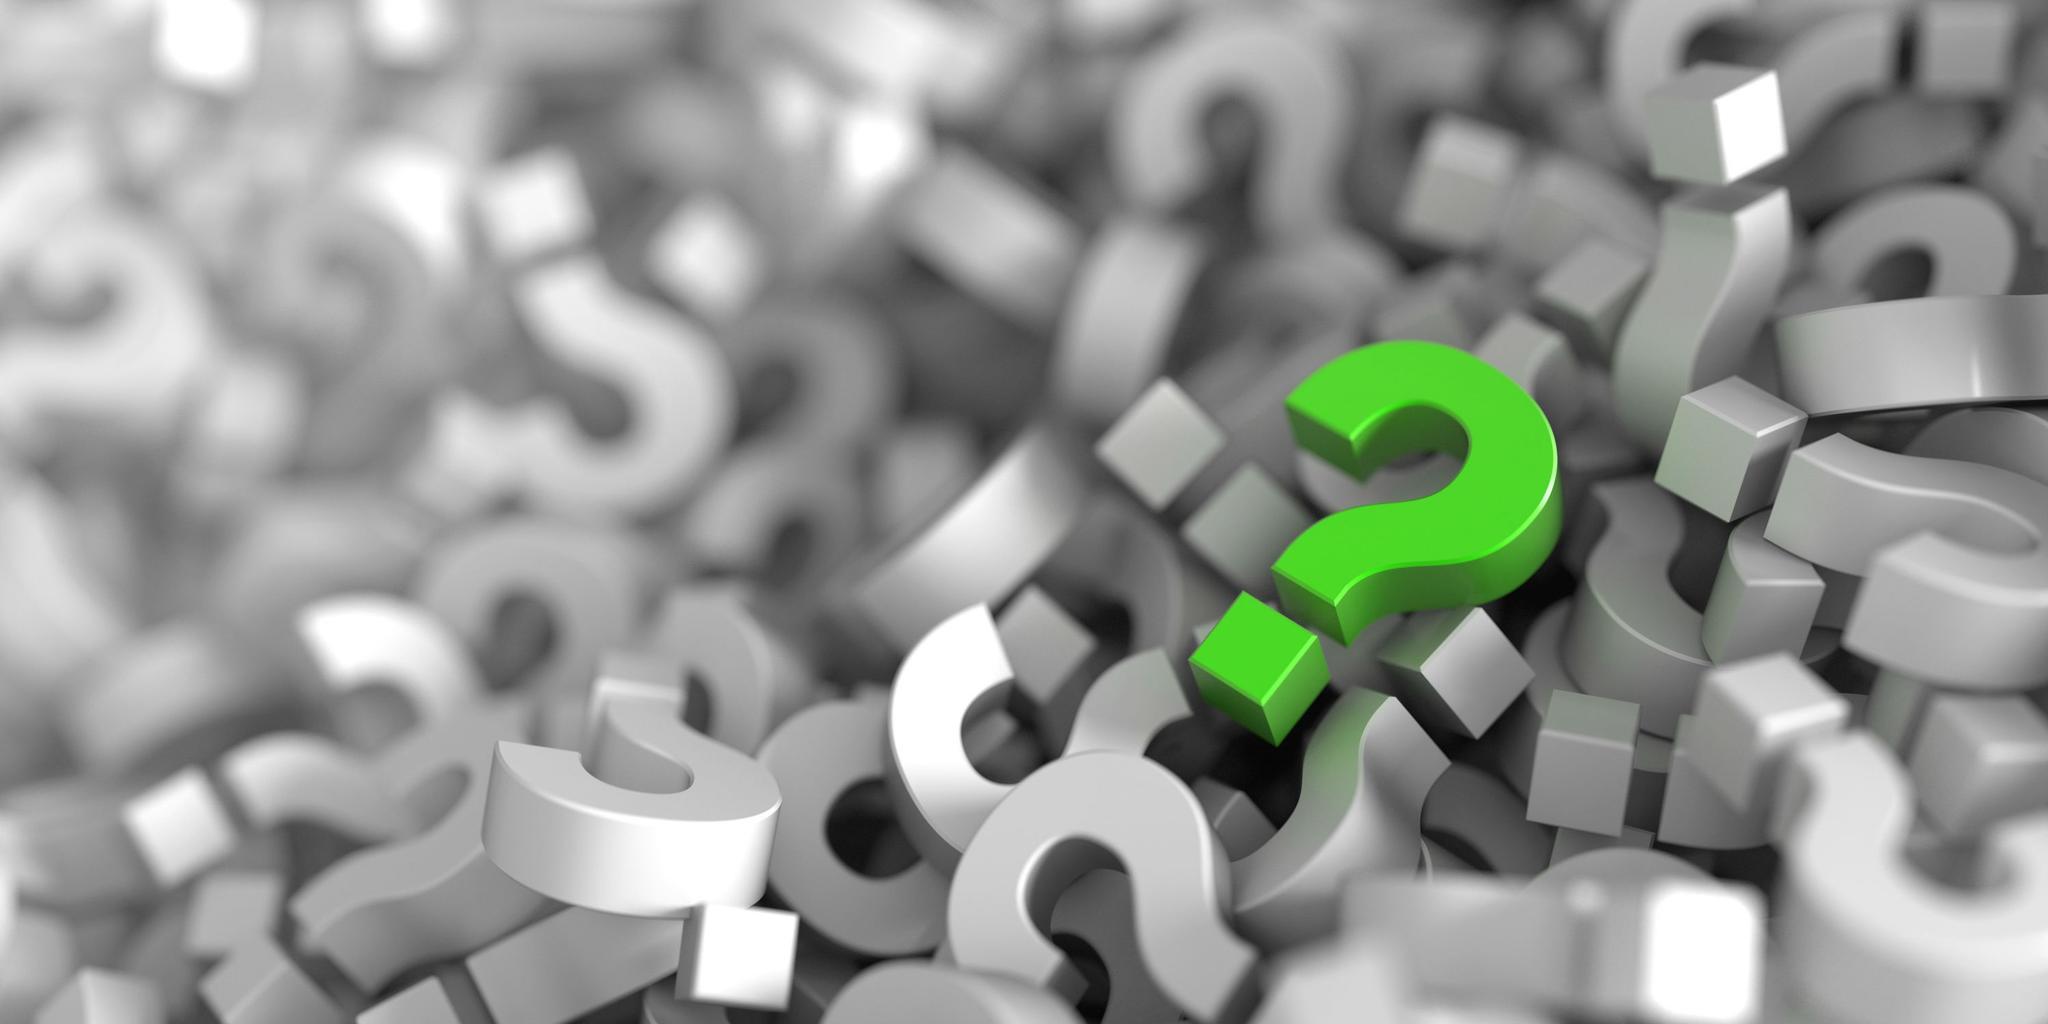 2020年12月宏观数据:需求修复带动价格回升 货币政策将更加审慎